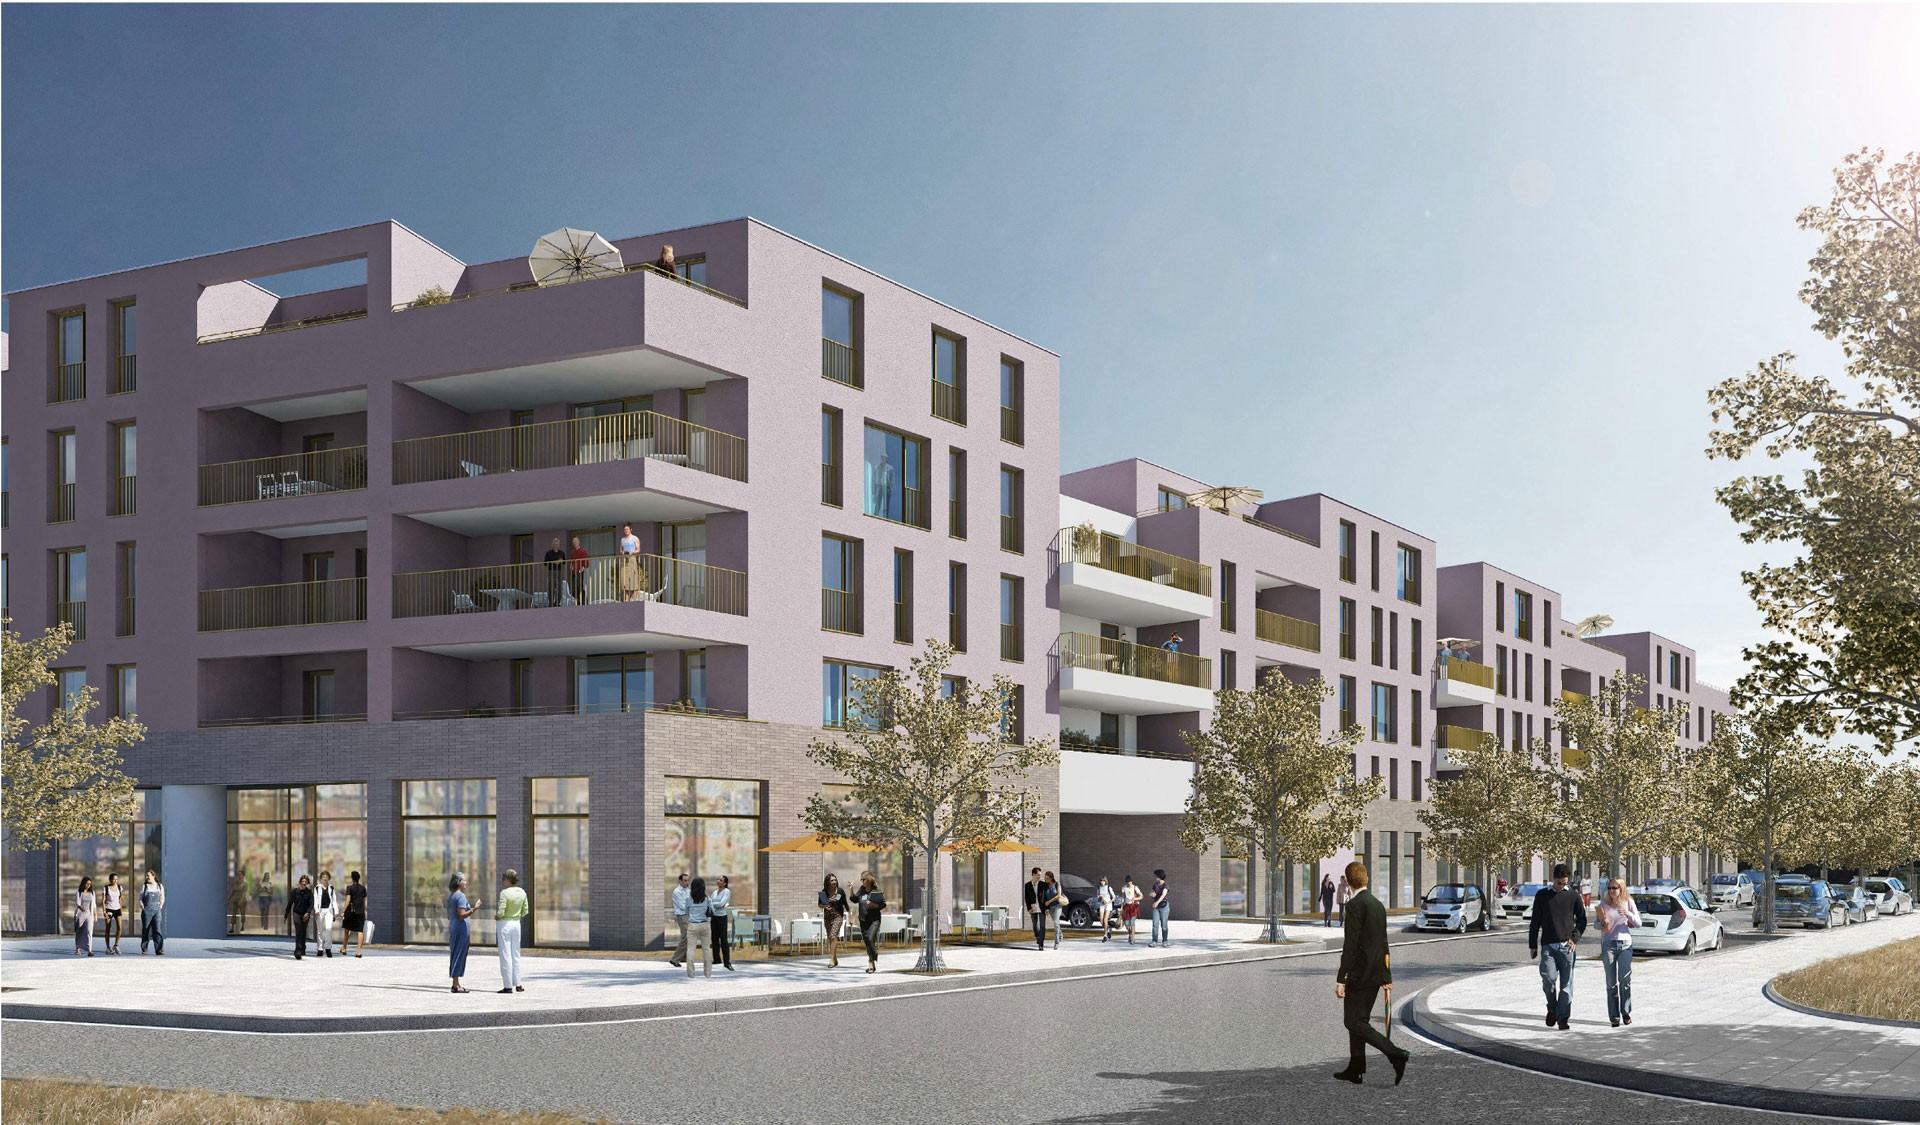 Drei Eins – Architektur- und Stadtplanungsbüro in Frankfurt // Wohn- und Geschäftshaus Riedbergallee, Ffm